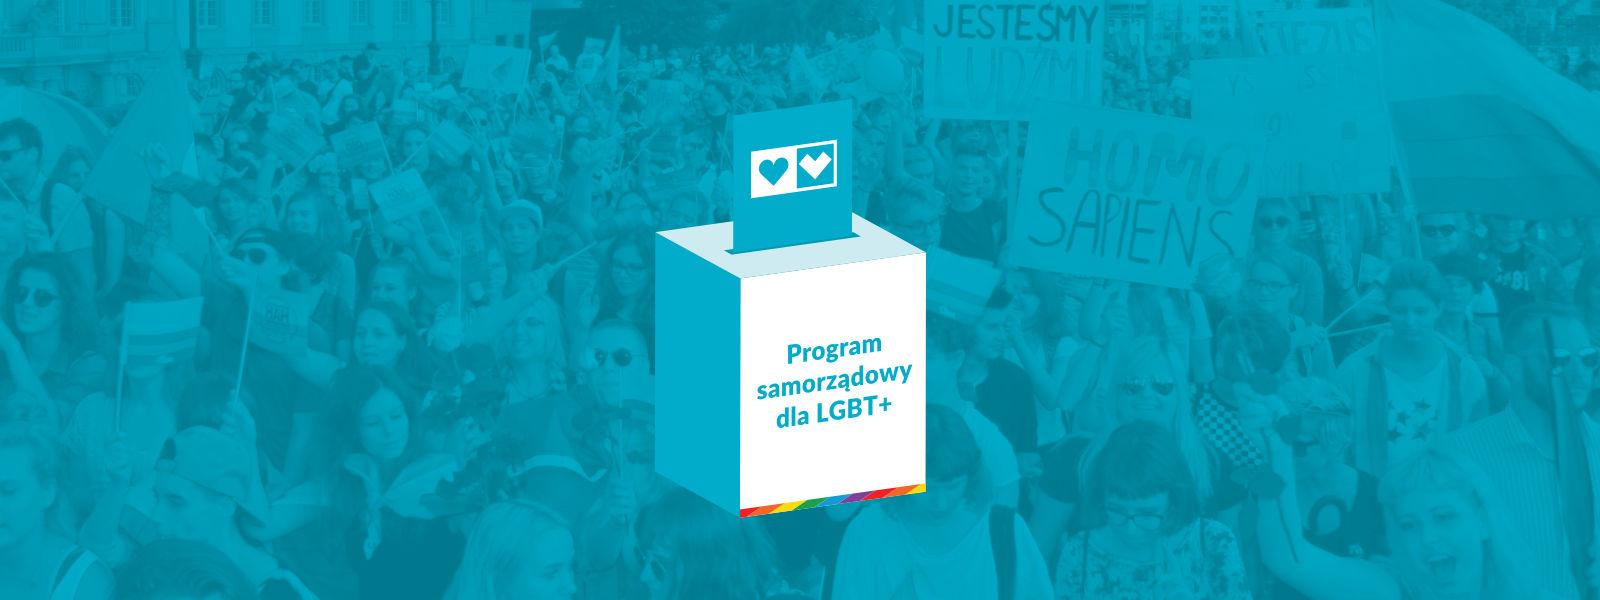 Program samorządowy dla LGBT+